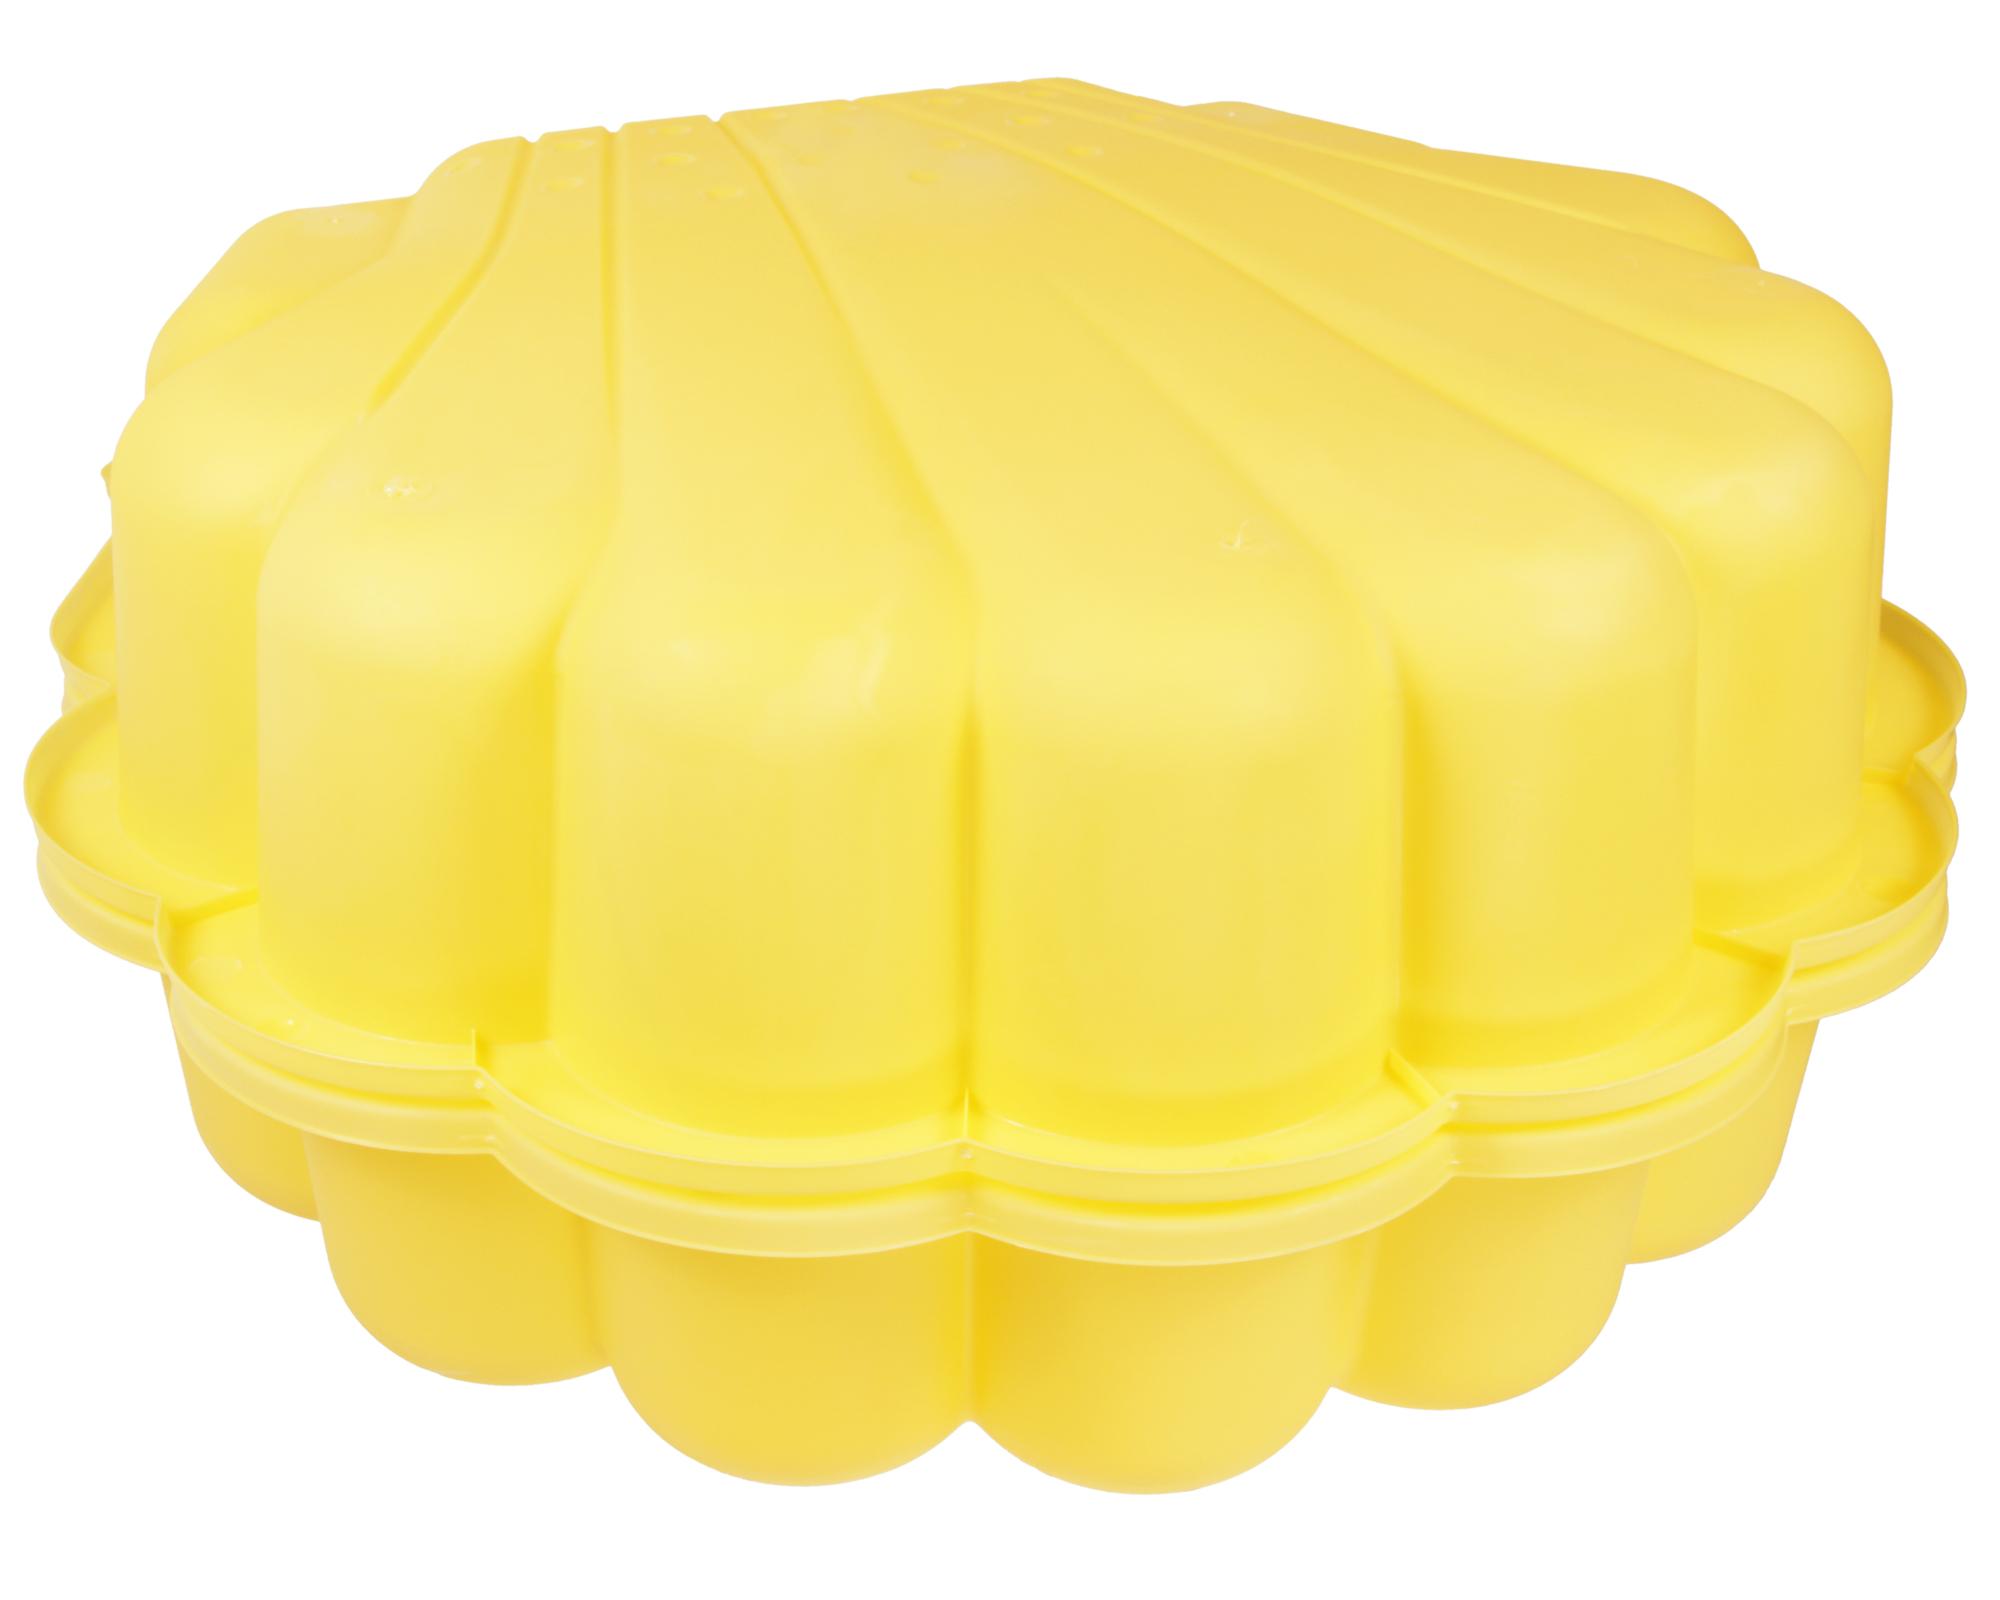 ondis24 sandkasten muschel wassermuschel 87 cm gelb. Black Bedroom Furniture Sets. Home Design Ideas